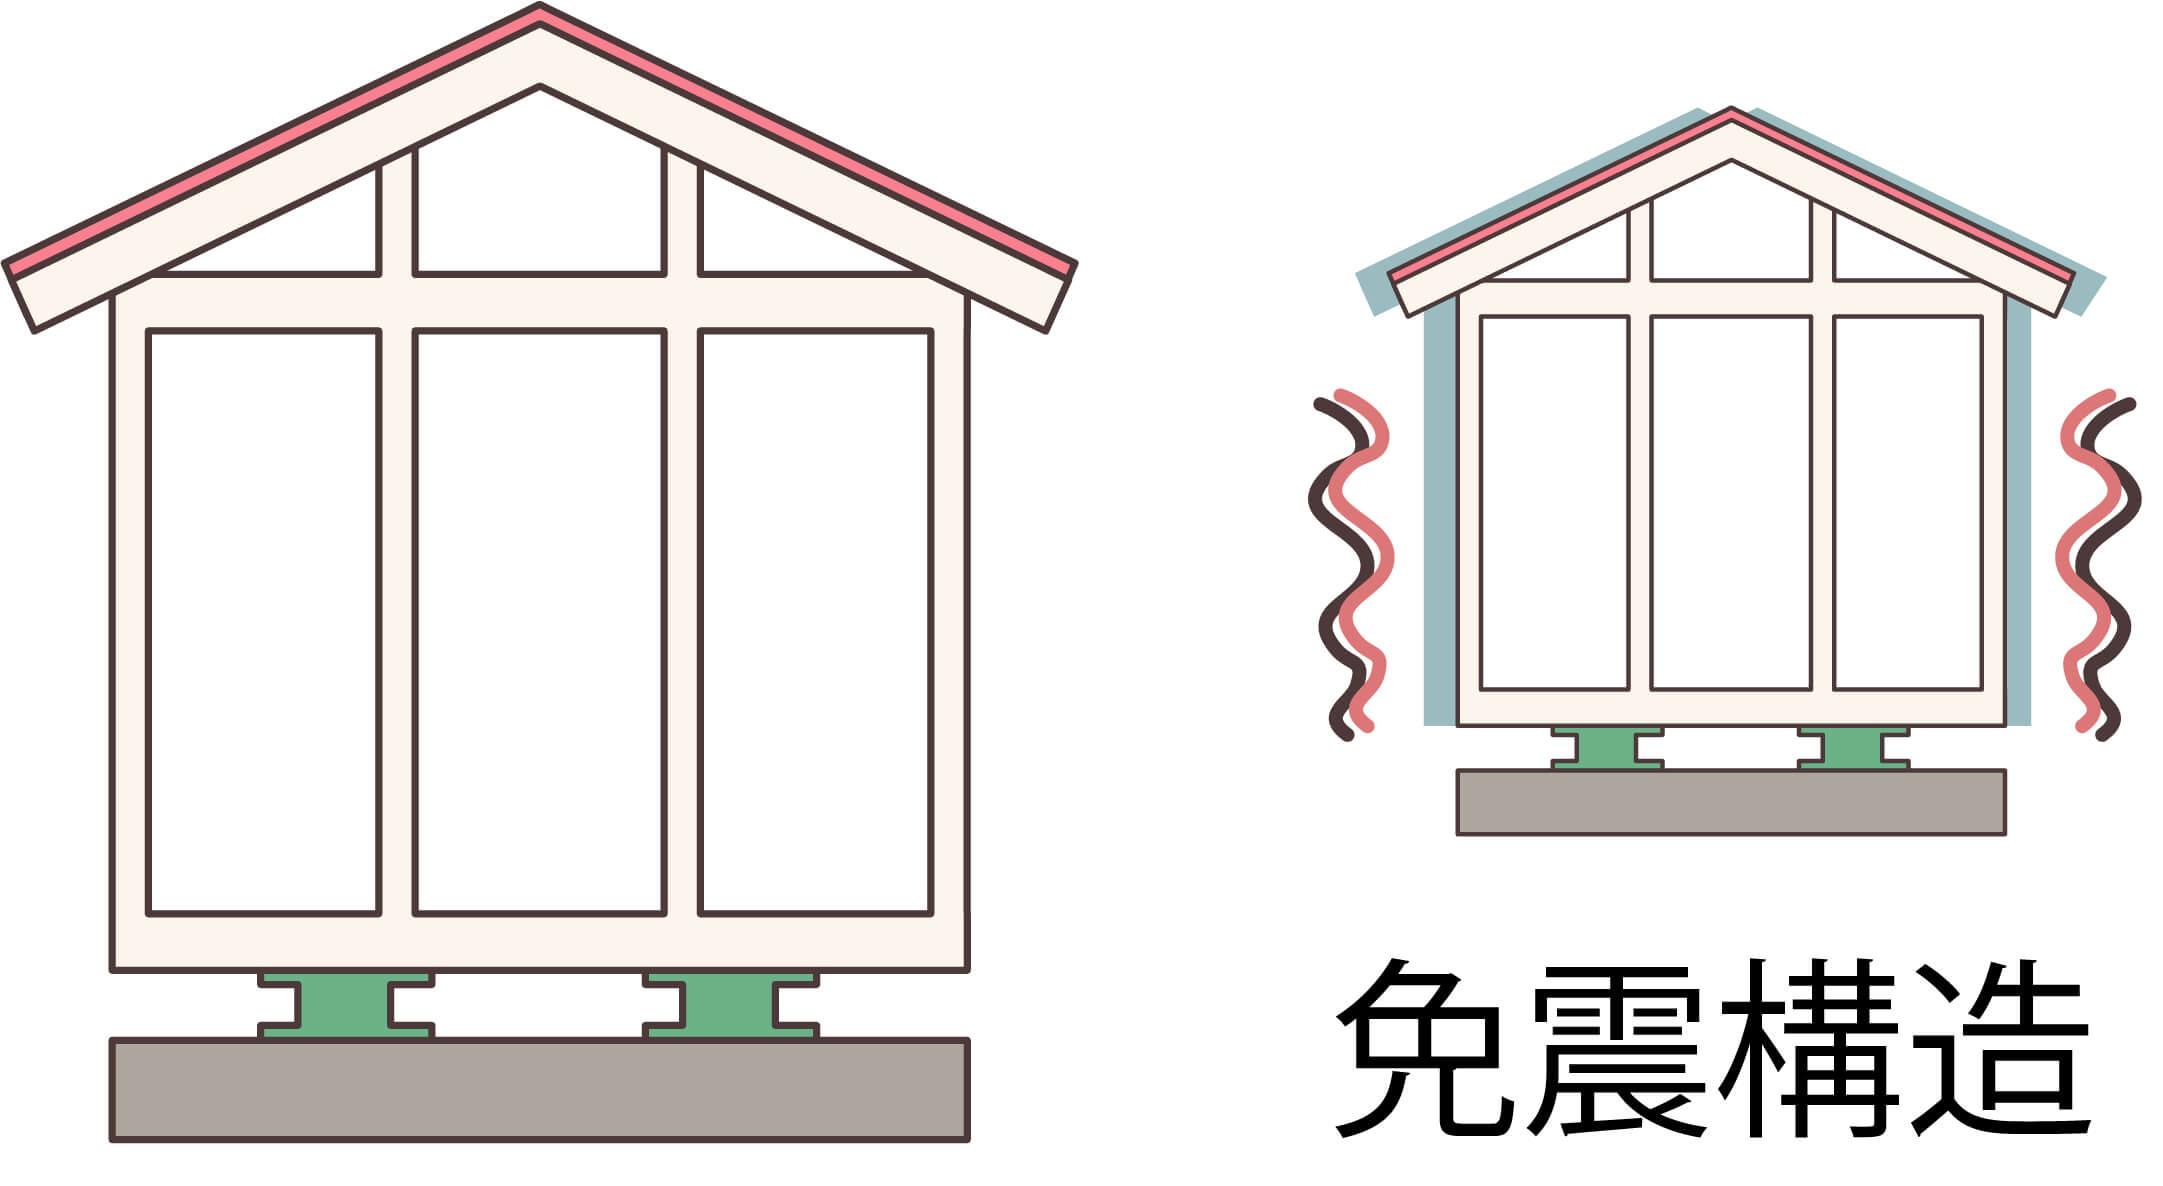 大阪市の耐震住宅の種類「免震」